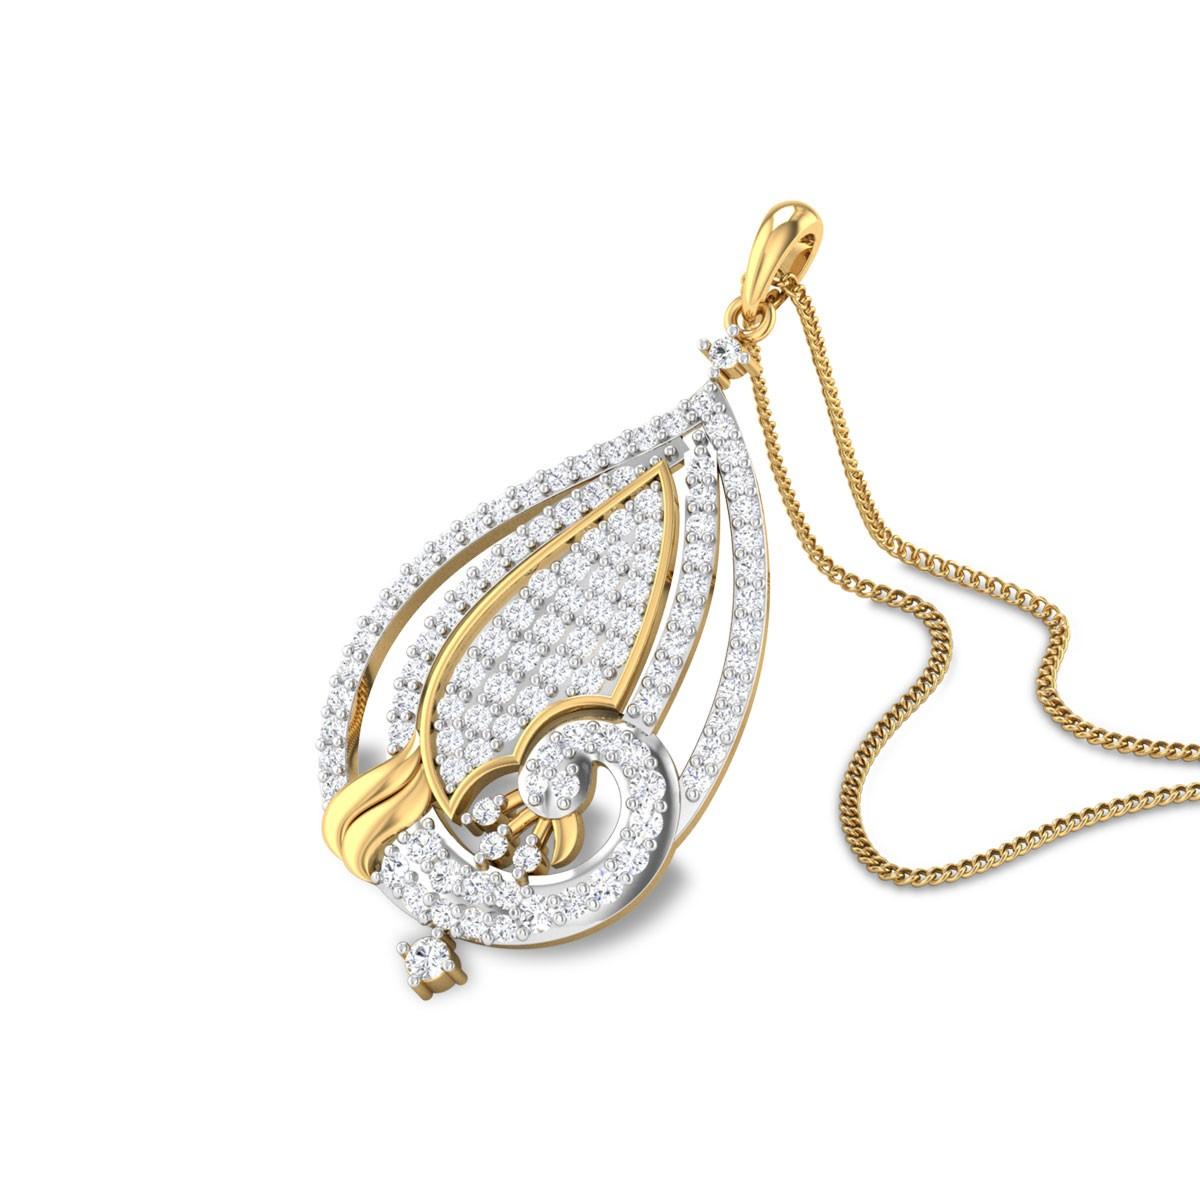 Kieran Diamond Peacock Pendant